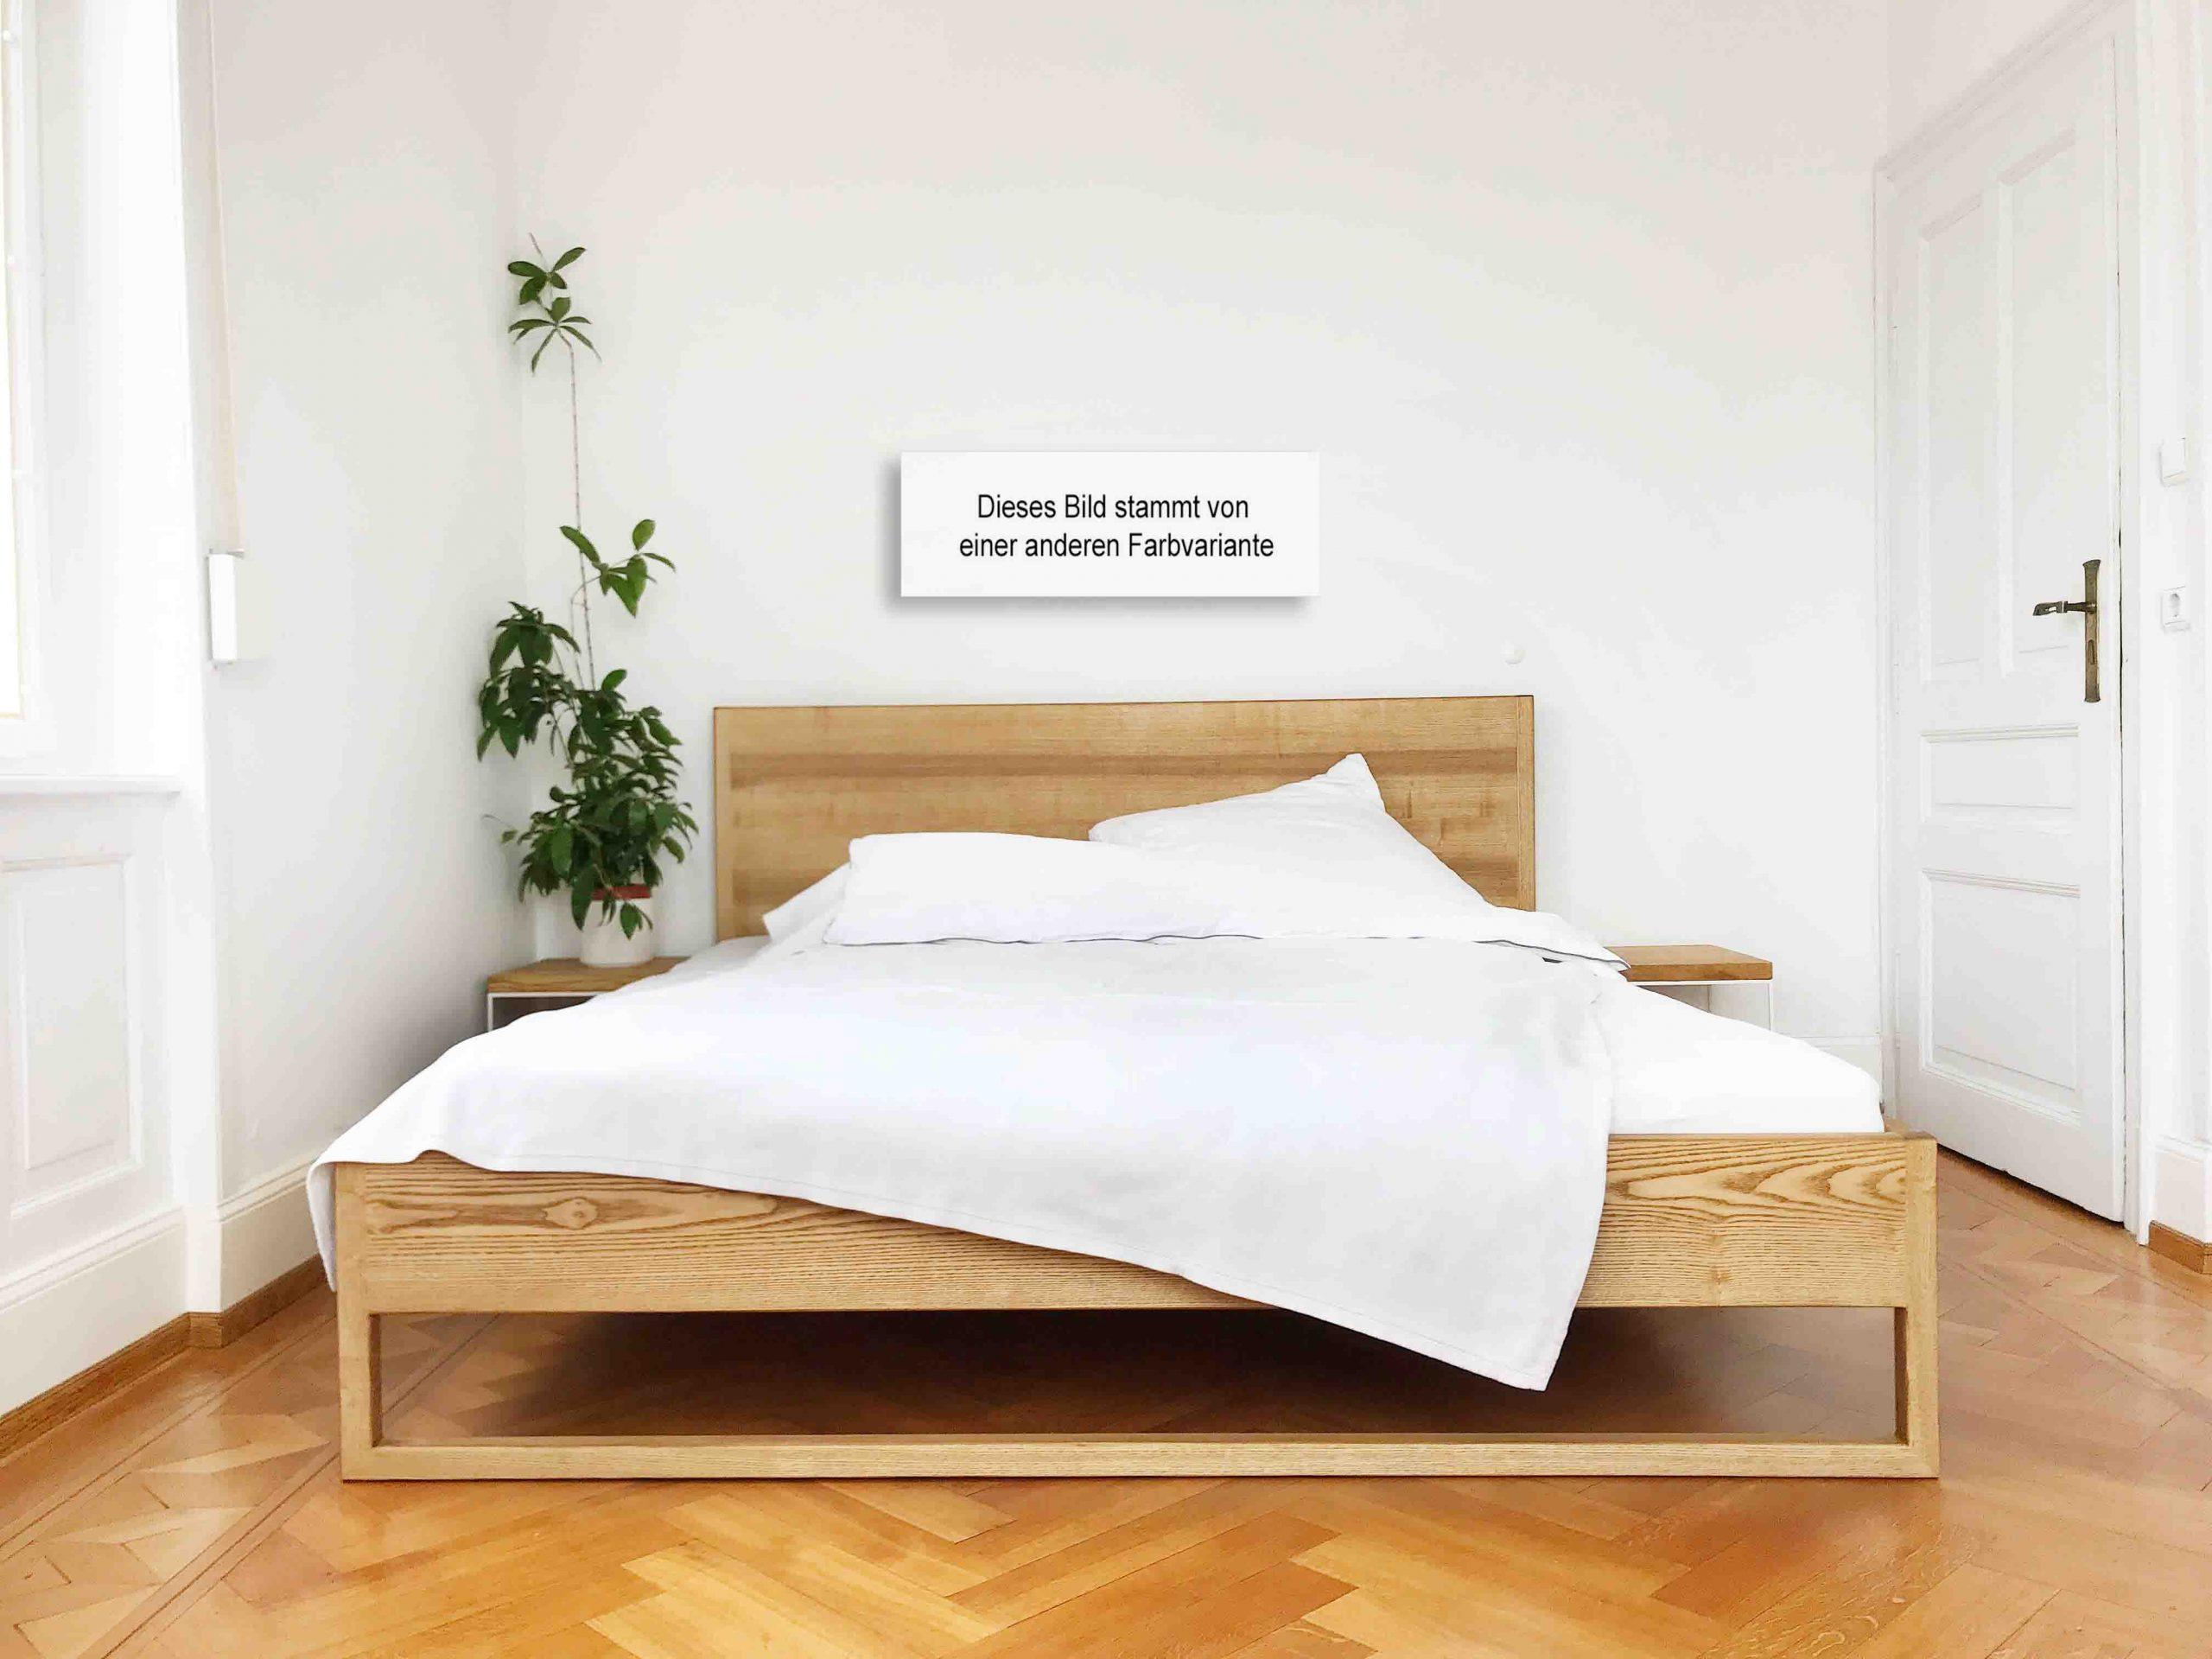 Full Size of Bett 200x180 Pure Ash Jetzt Online Einfach Bestellen Satamo Betten 200x200 Mit Lattenrost Für übergewichtige Landhausstil 140x200 Bettkasten Stabiles Bett Bett 200x180